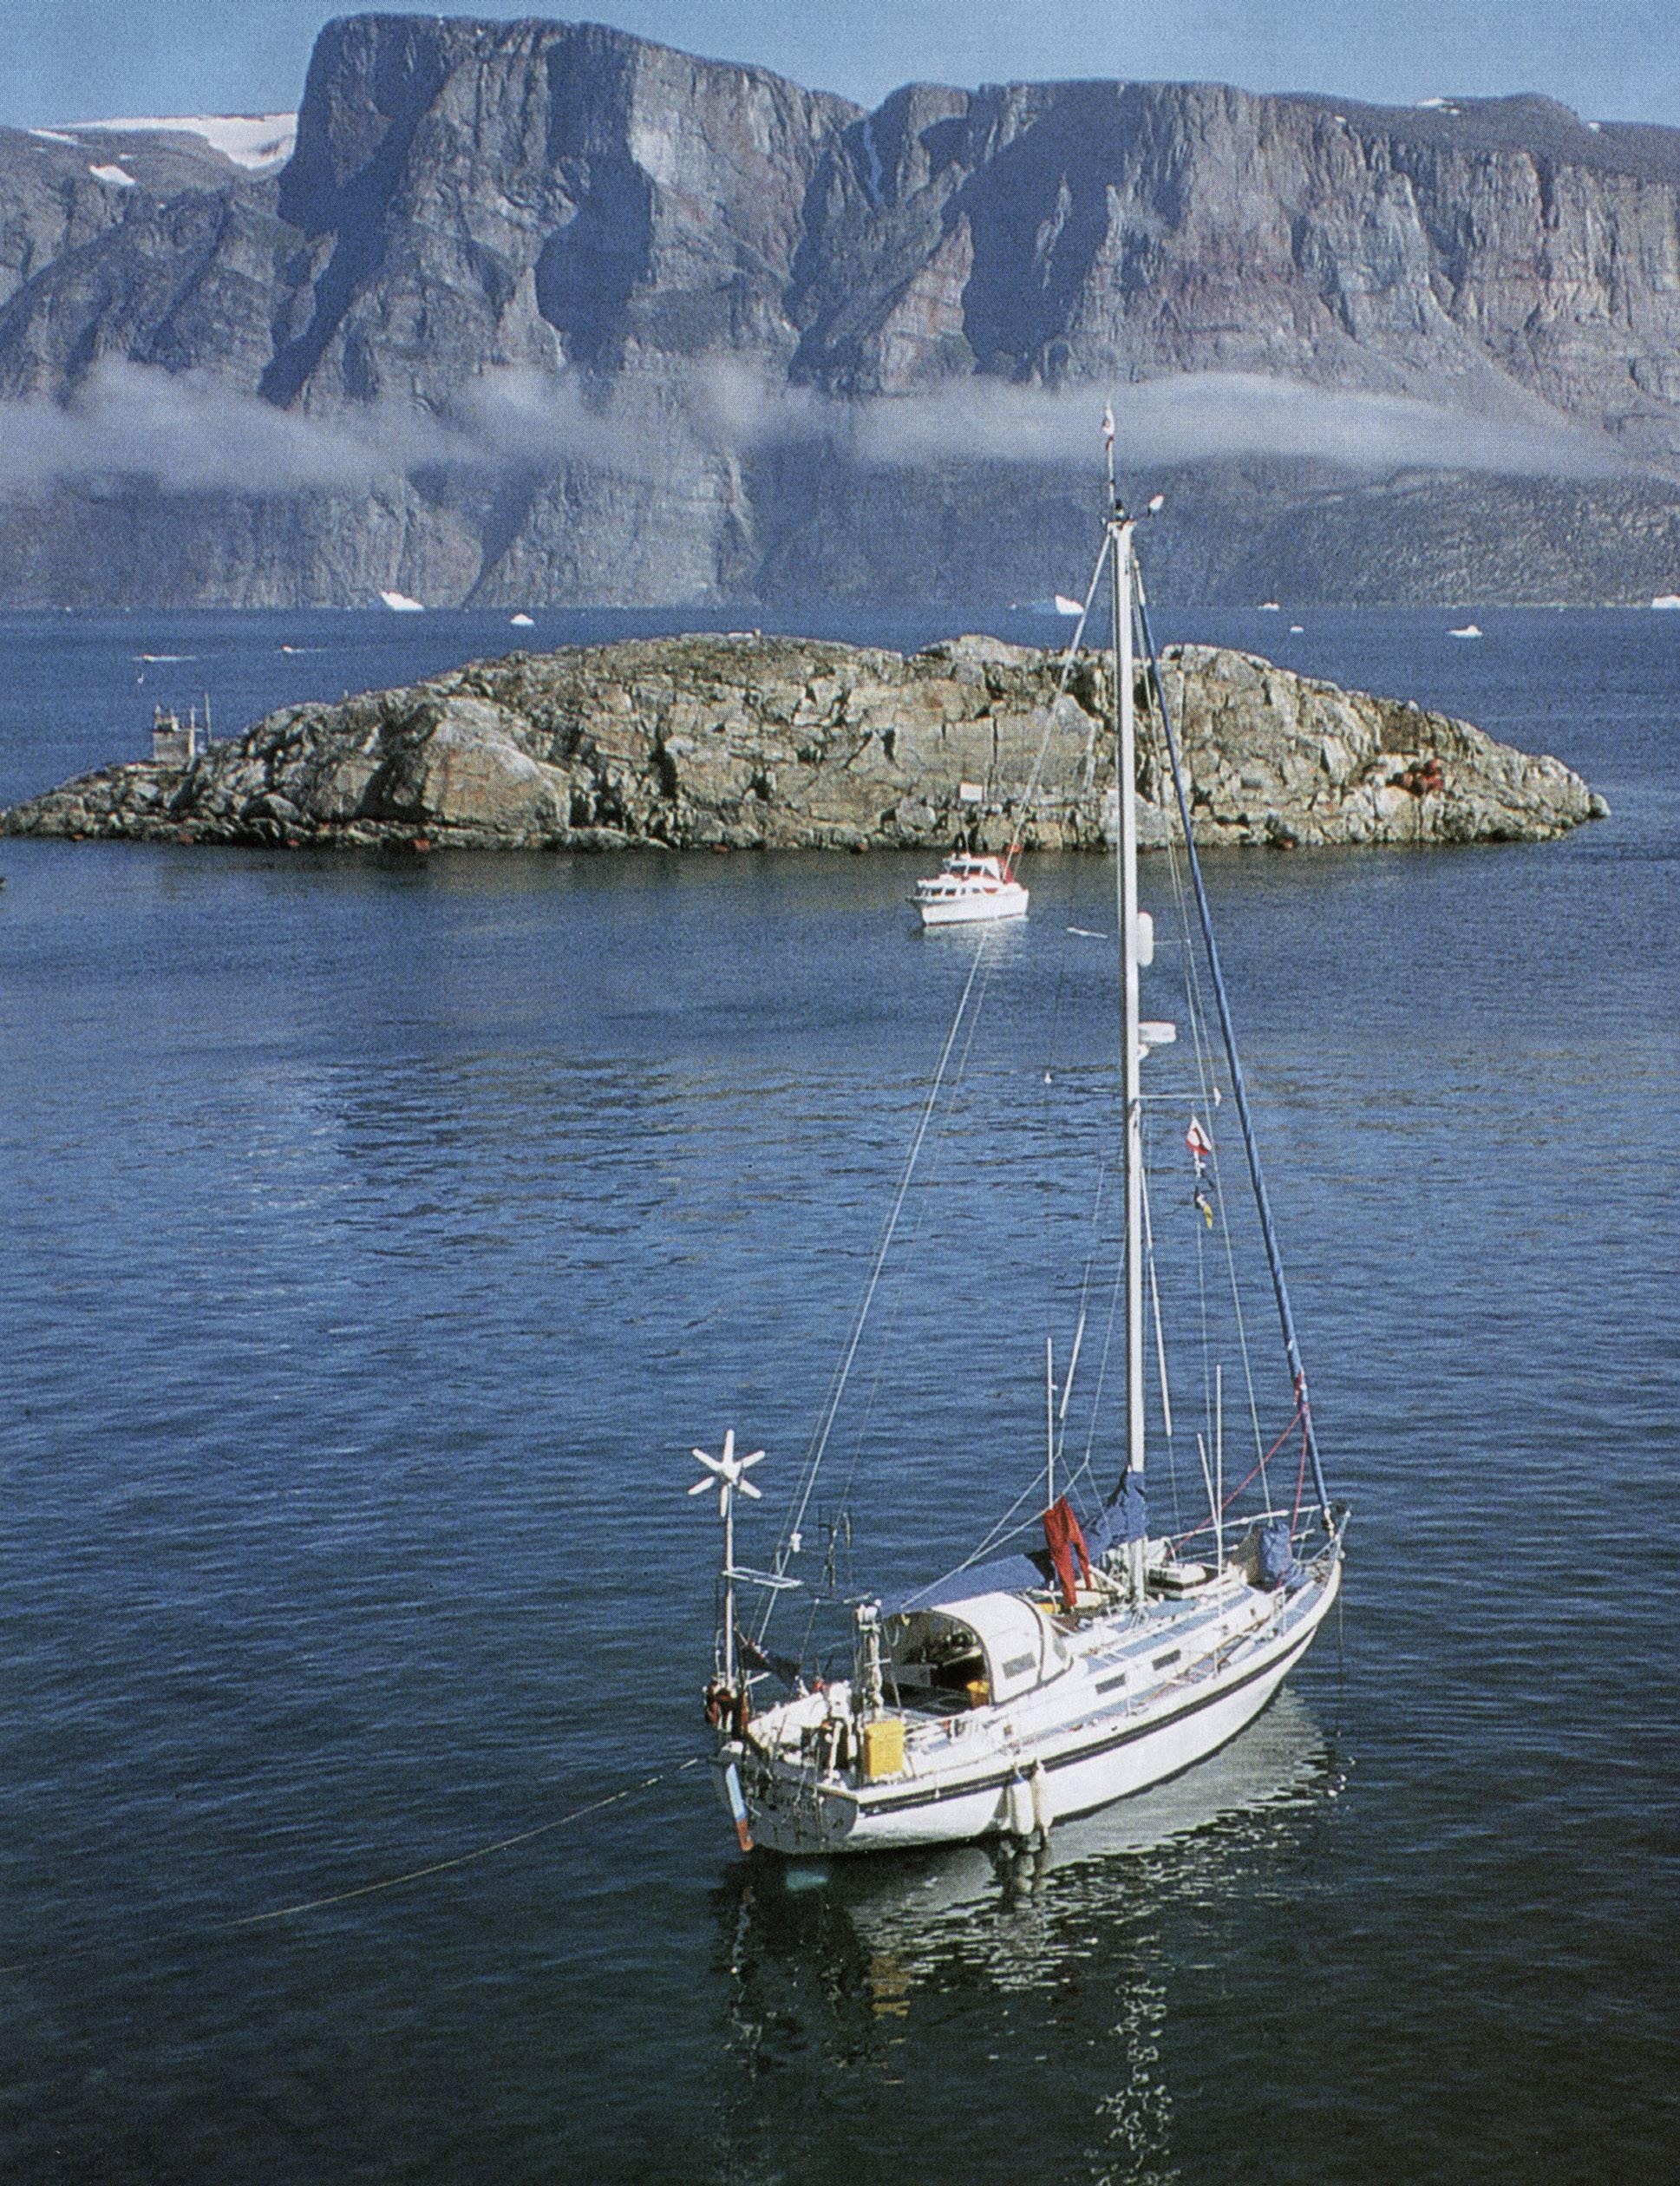 Solární sada pro lodě a jachty Sunset 110262, 30 W